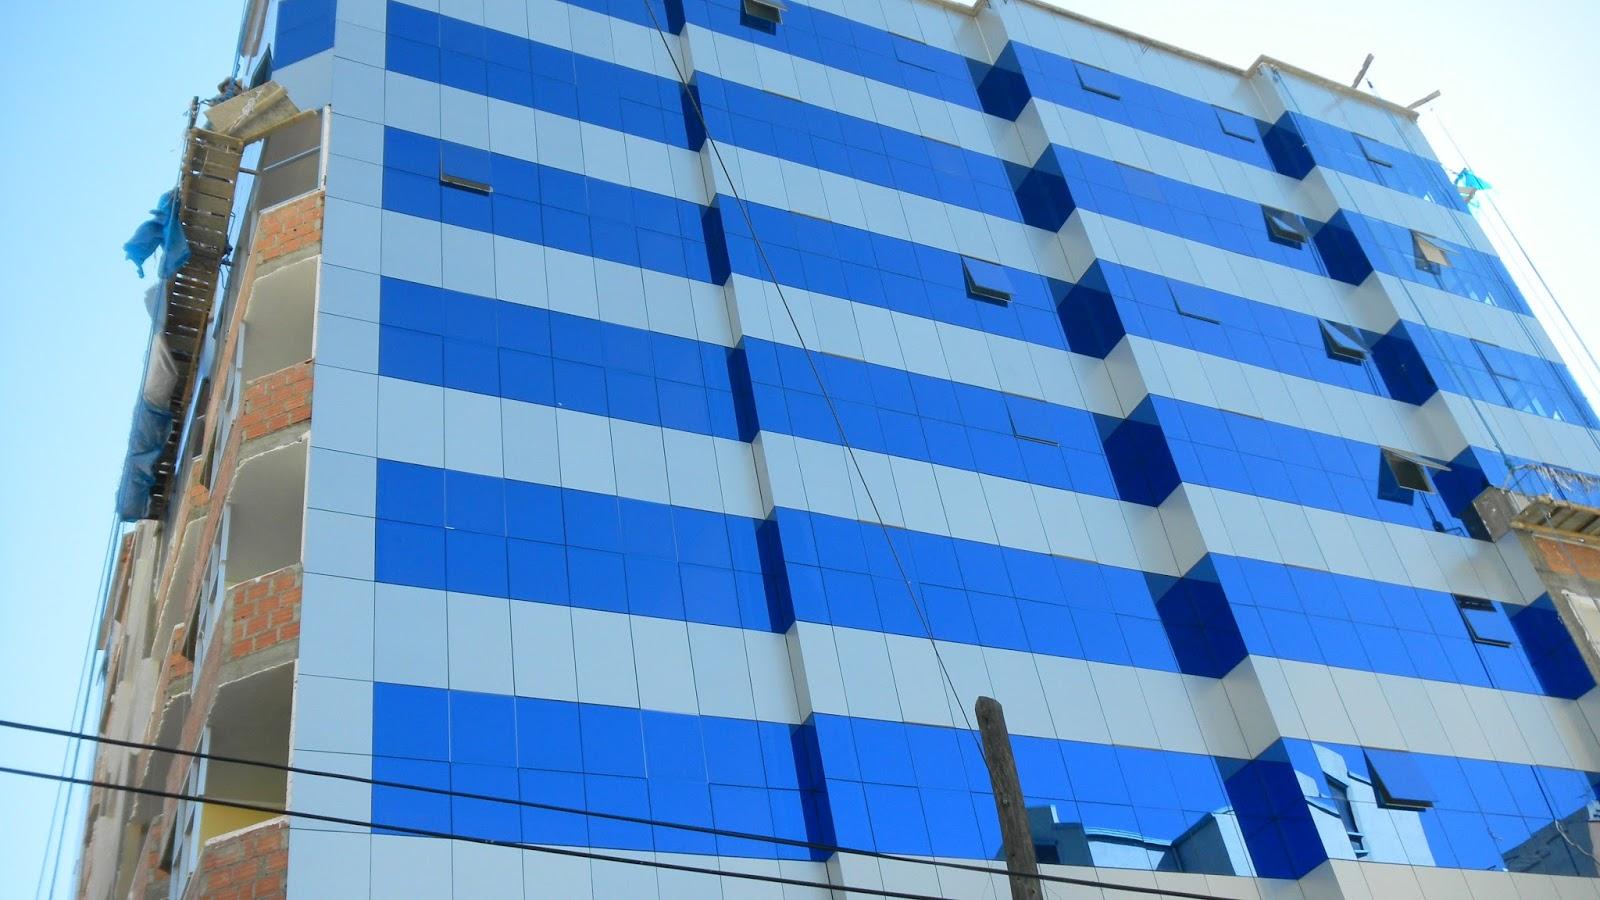 Fachada flotante vidriado alvitec aluminio vidrio for Fachada aluminio